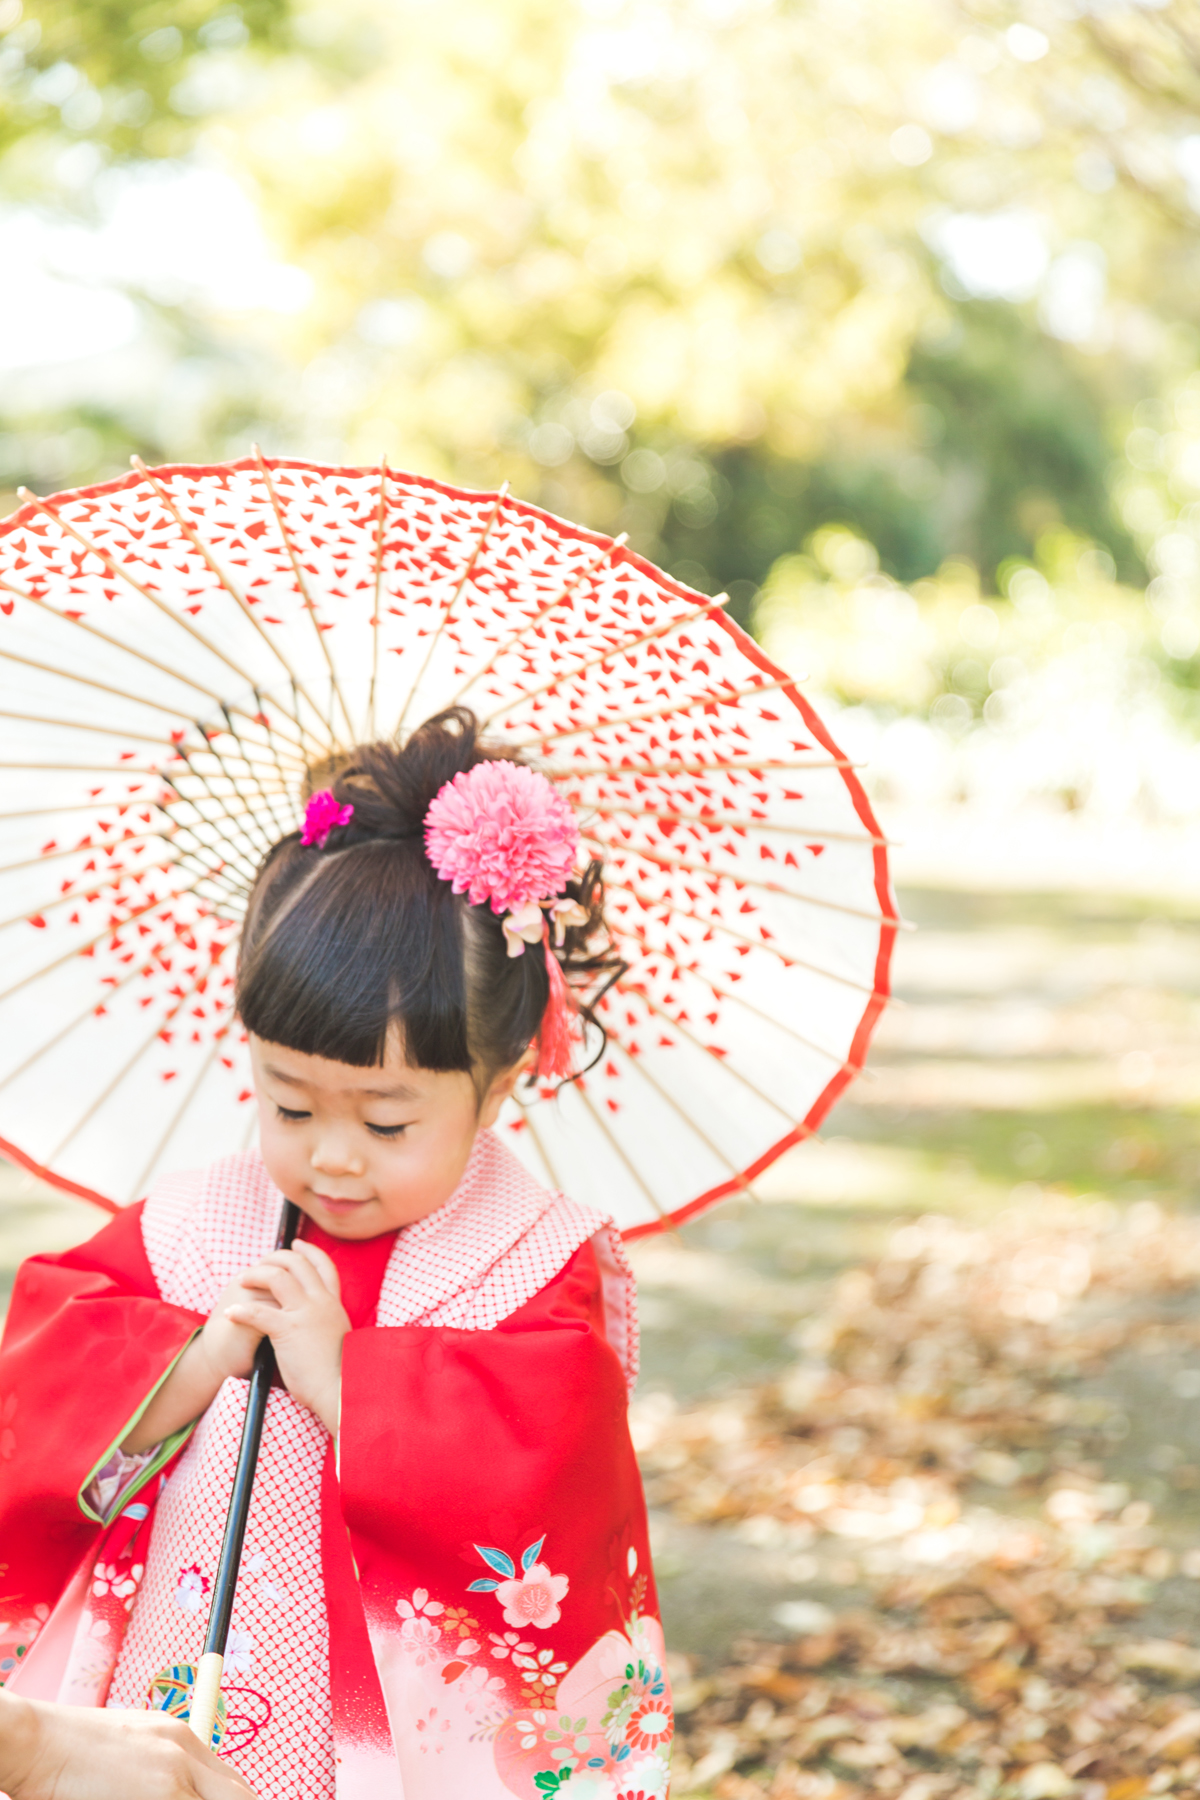 滋賀県彦根市の公園で七五三のお散歩フォト